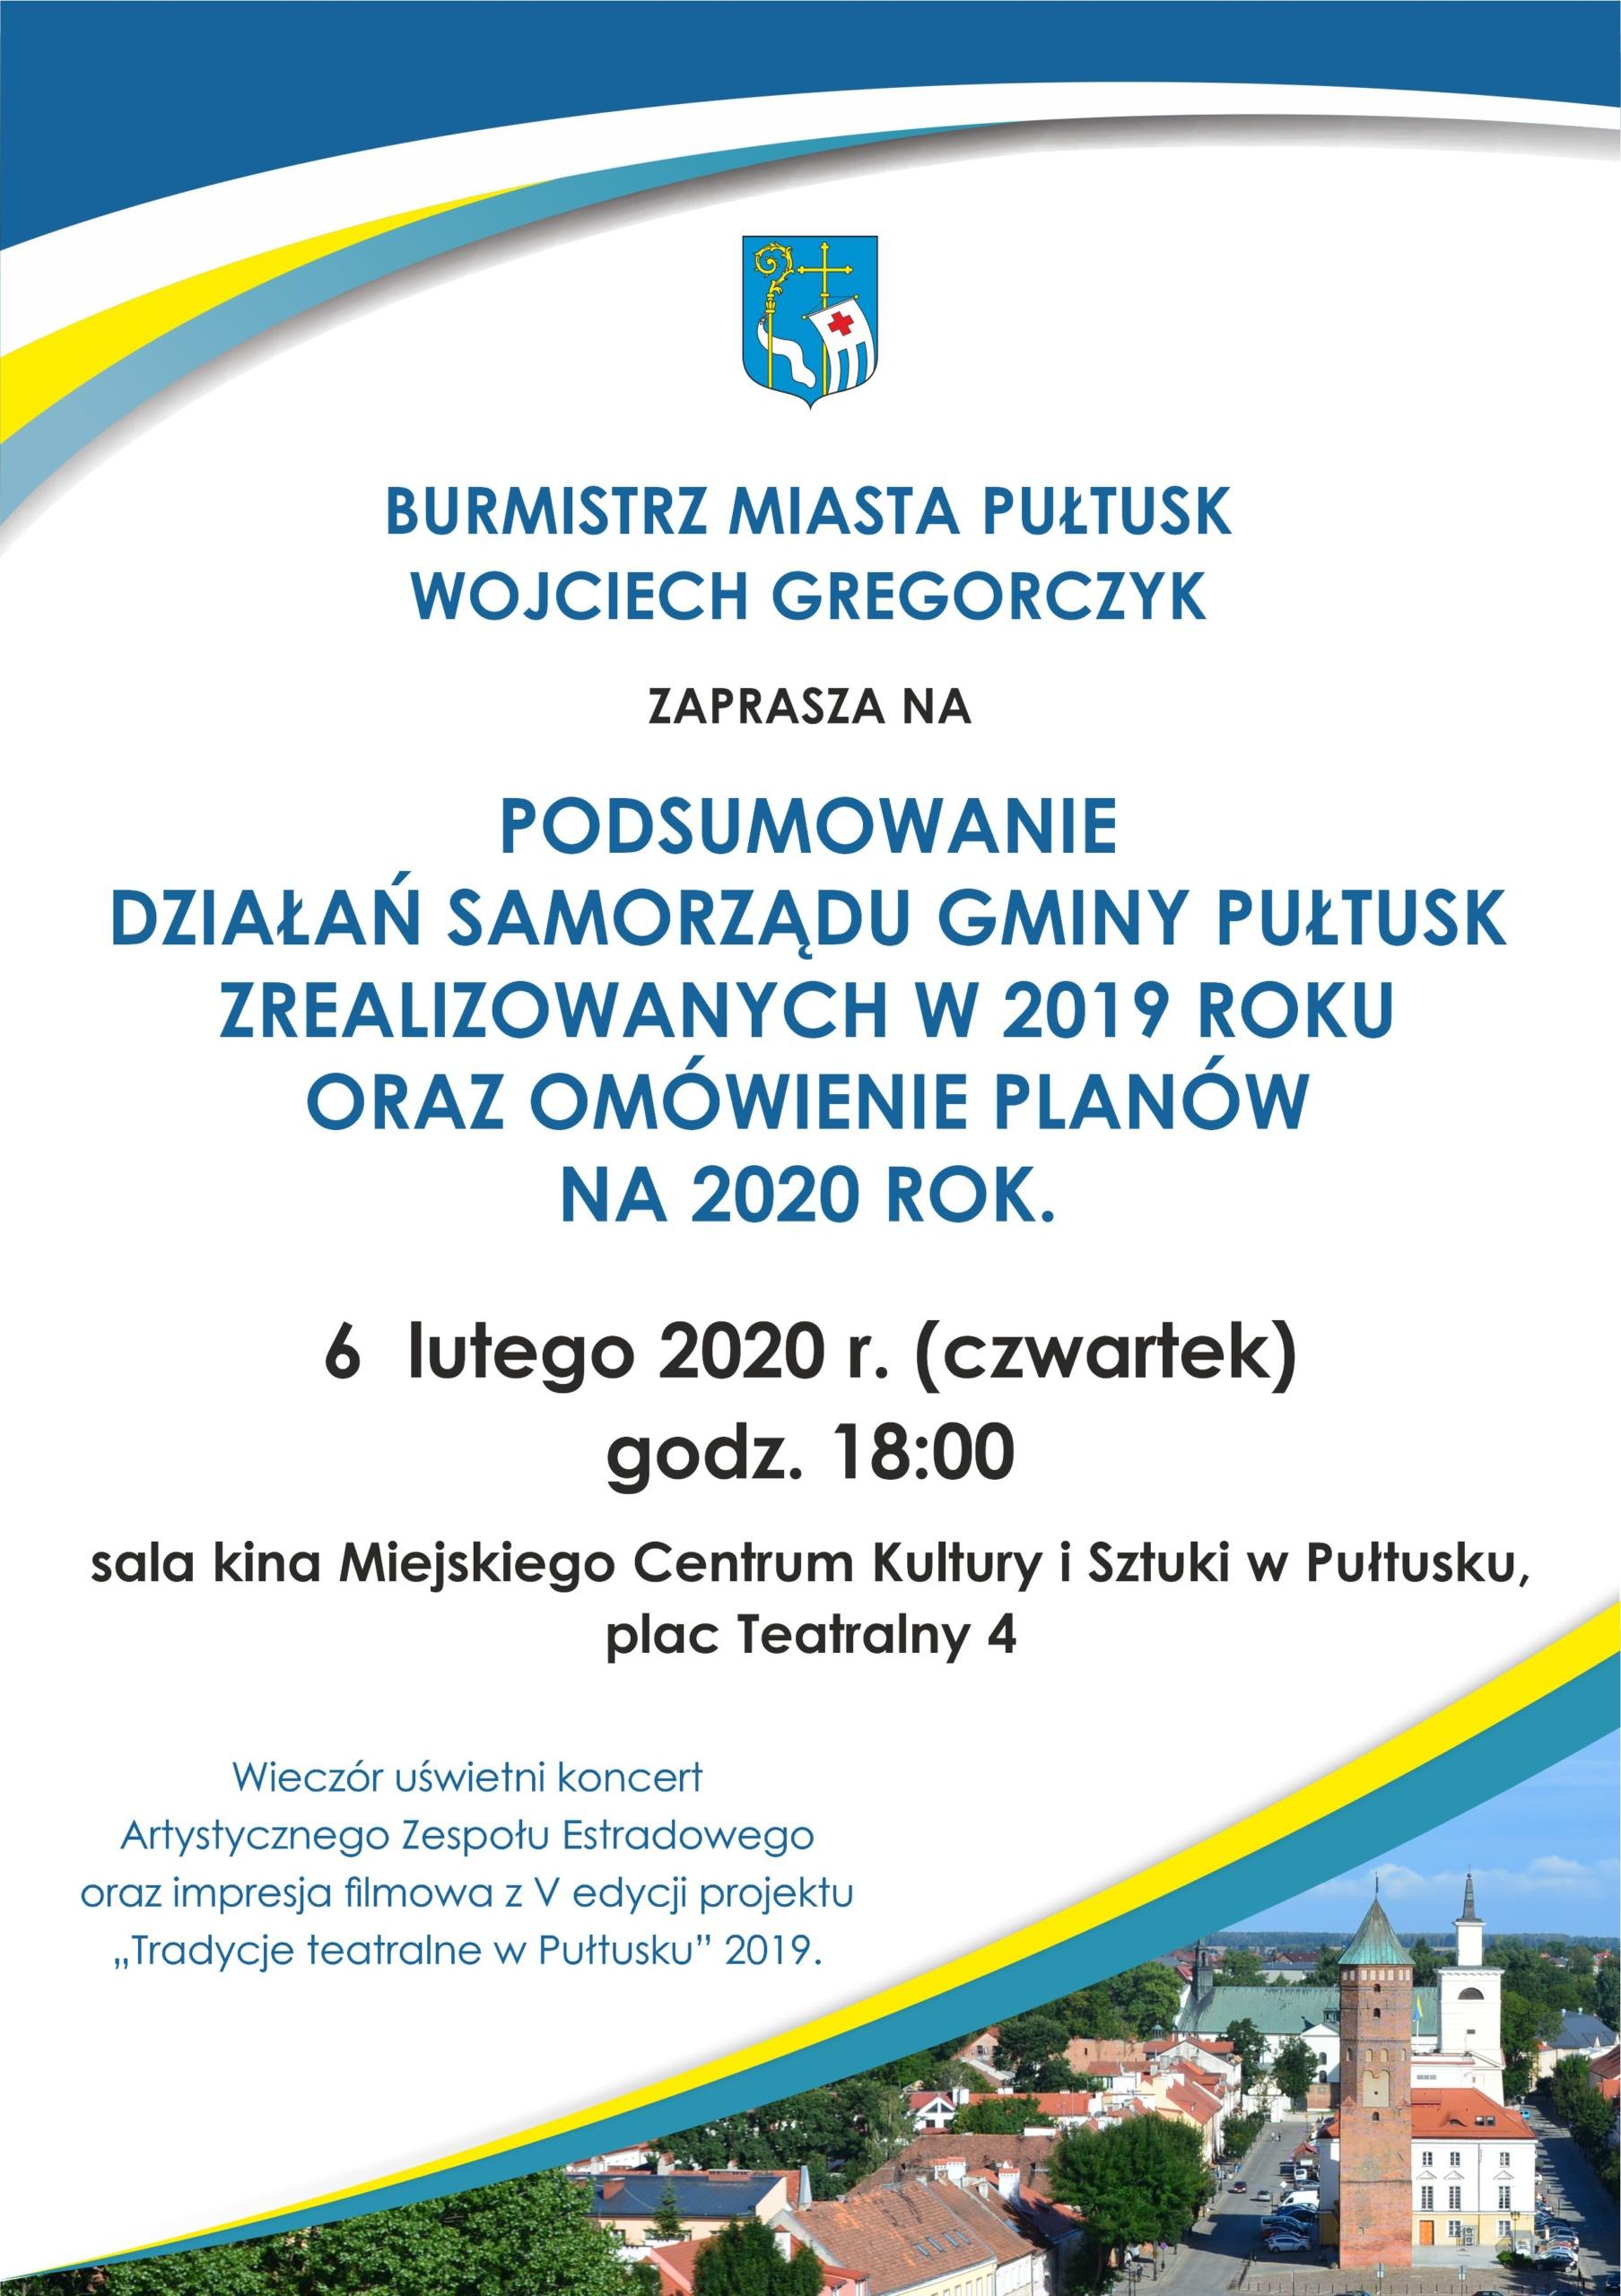 plakat – zaproszxenie na spotkanie z burmistrzem